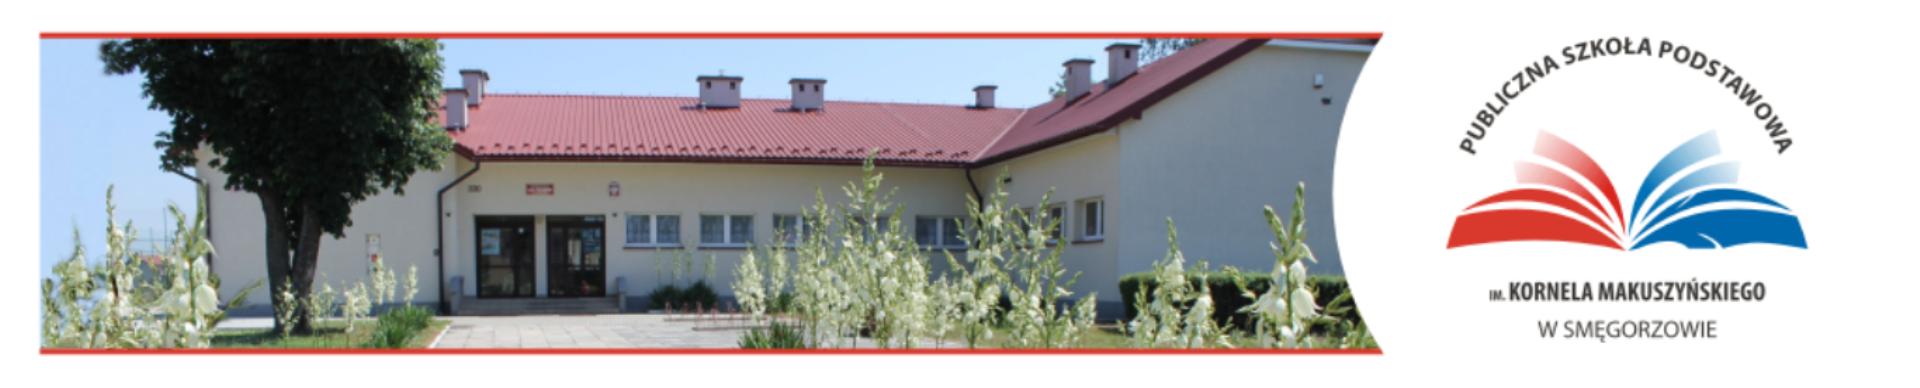 Publiczna Szkoła Podstawowa w Smęgorzowie